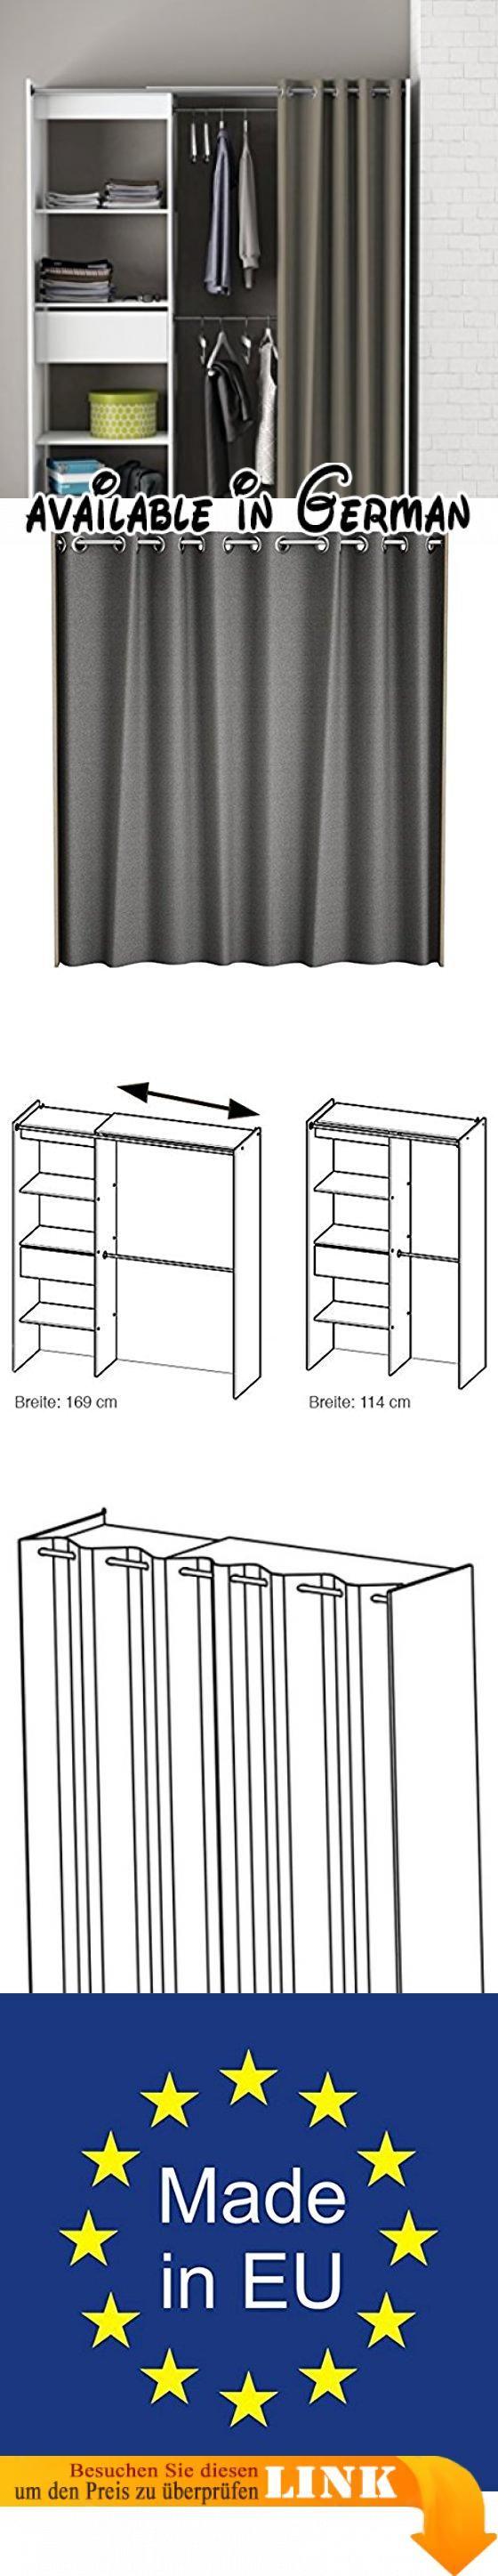 die besten 25 vorhang schrank ideen auf pinterest schrankt r vorh nge schrankt r alternative. Black Bedroom Furniture Sets. Home Design Ideas